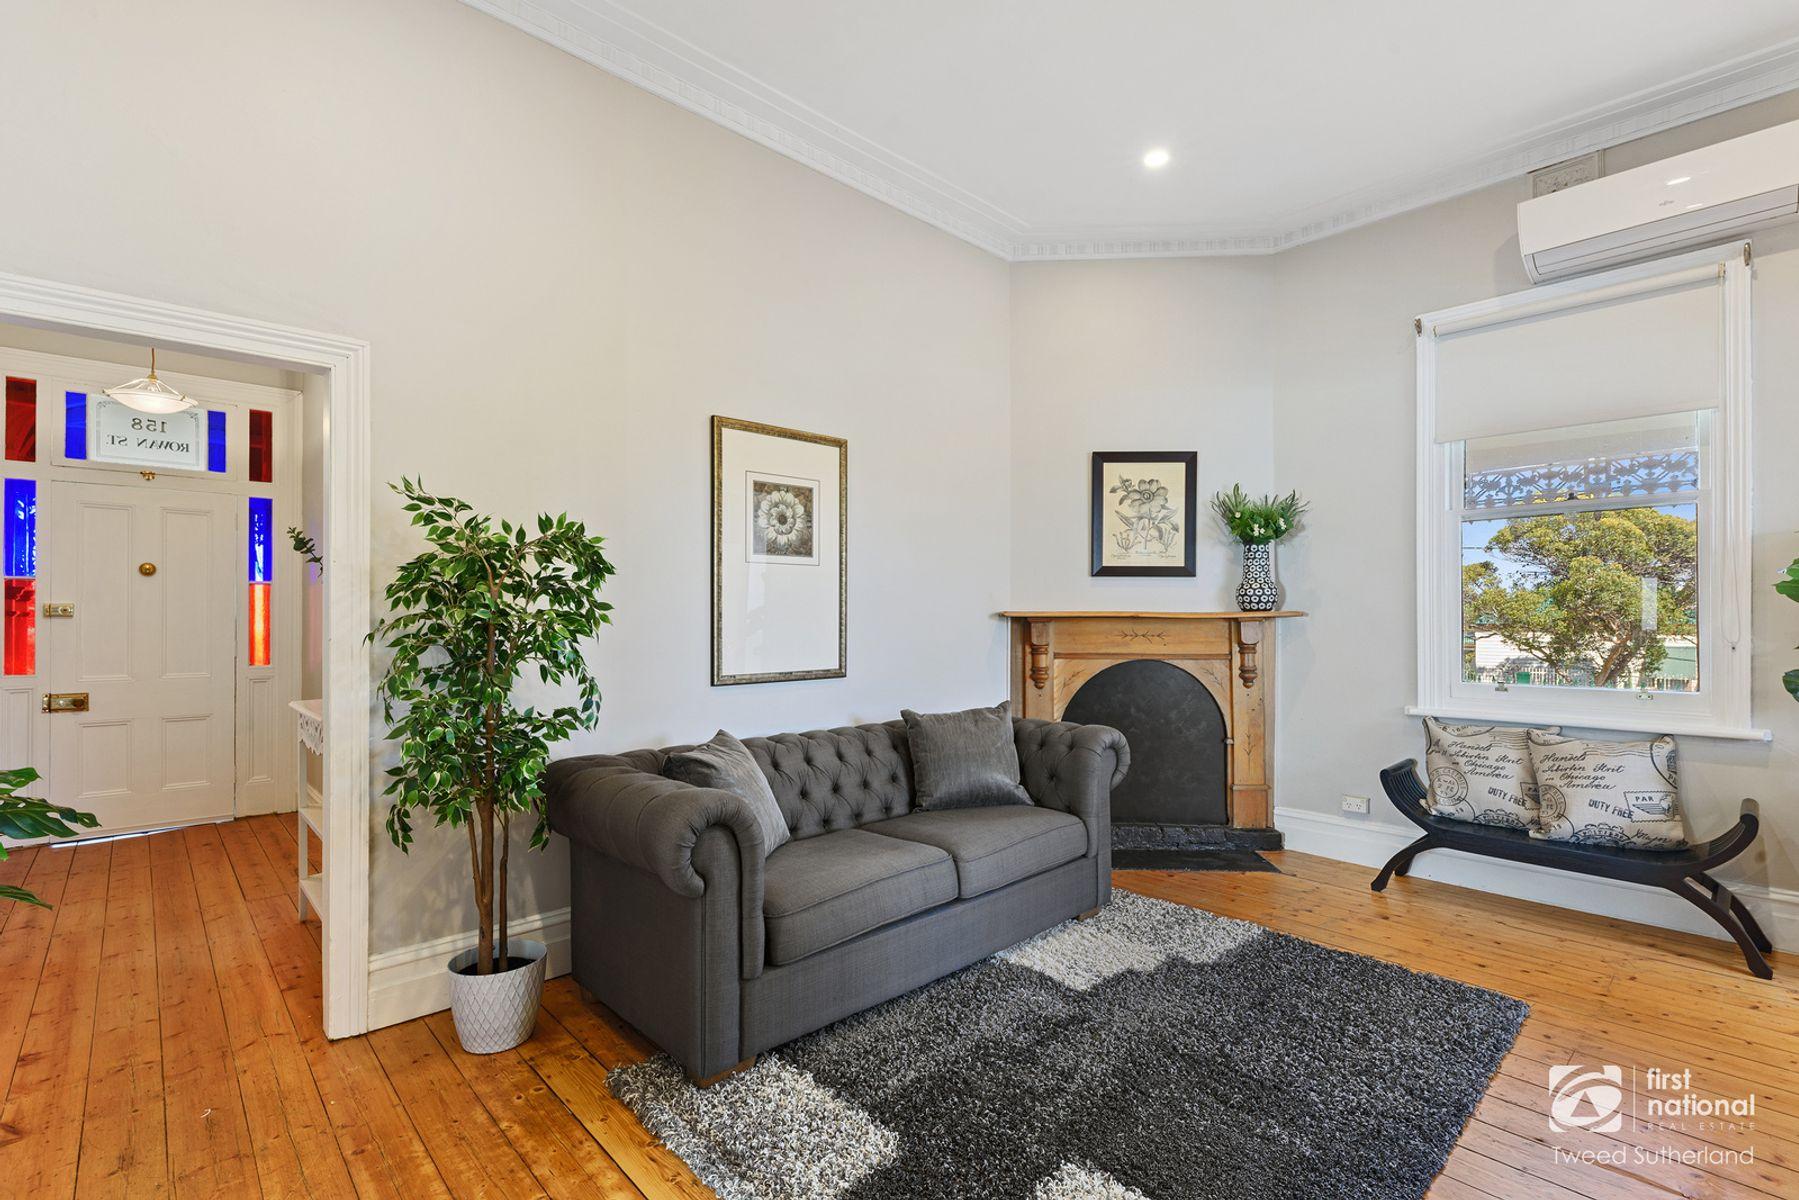 158 Rowan Street, Bendigo, VIC 3550